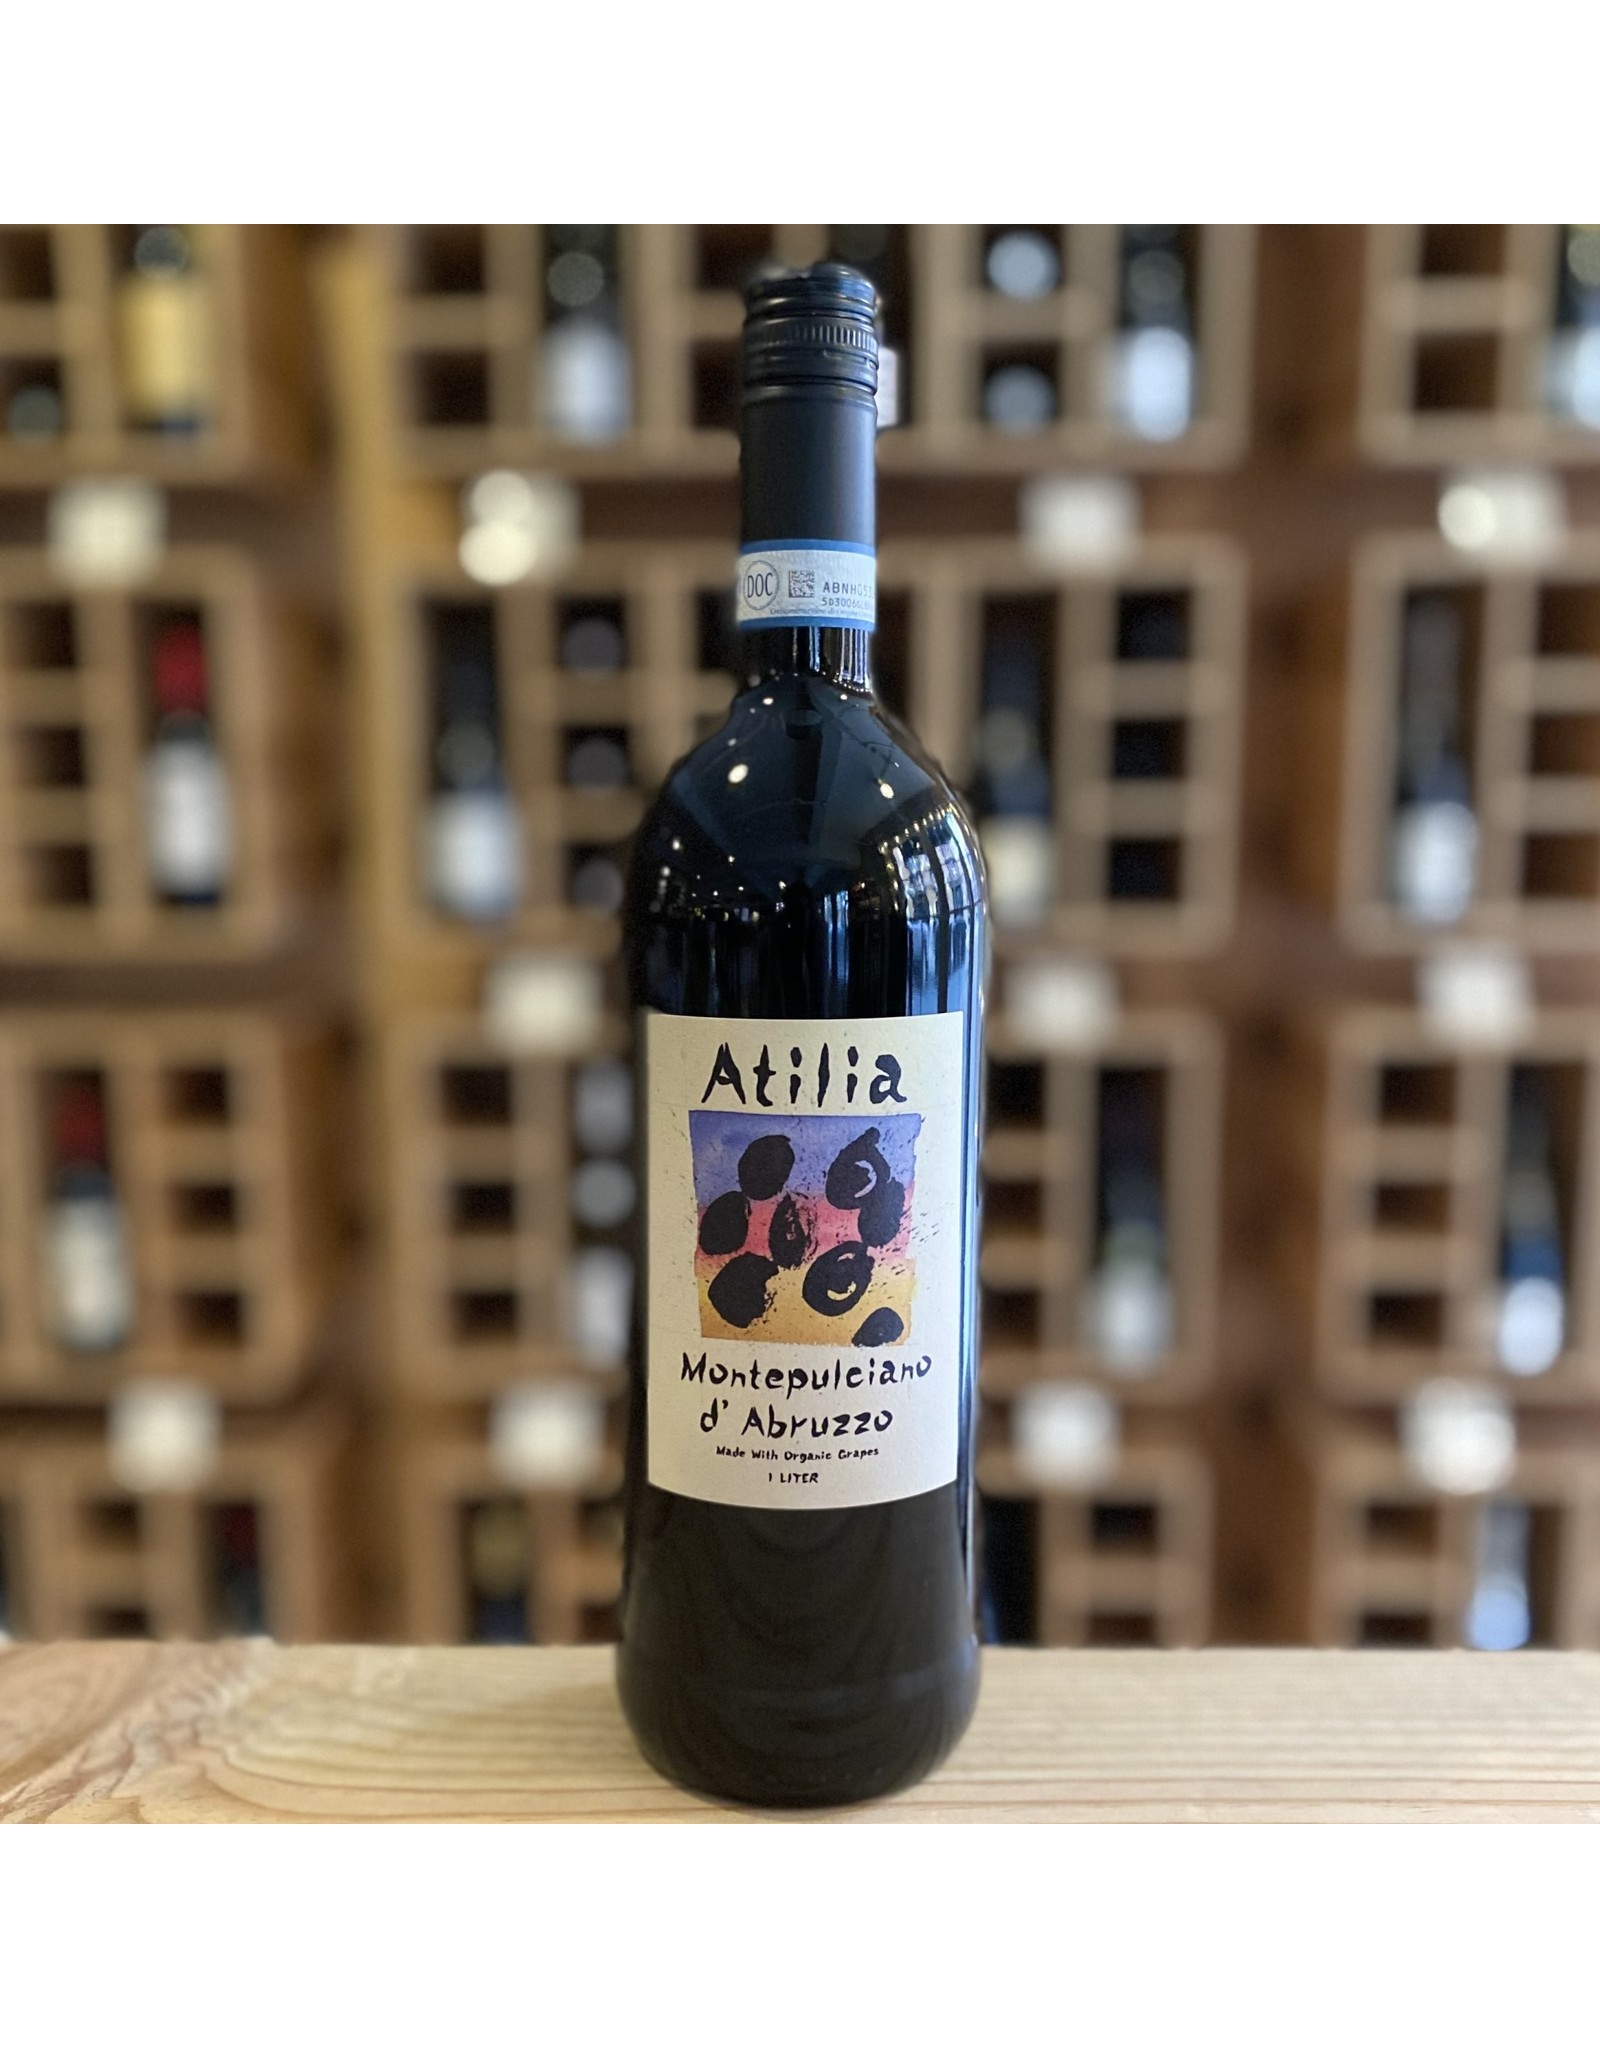 Organic Atilia Montepulciano d'Abruzzo  2018 1L - Abruzzo, IT